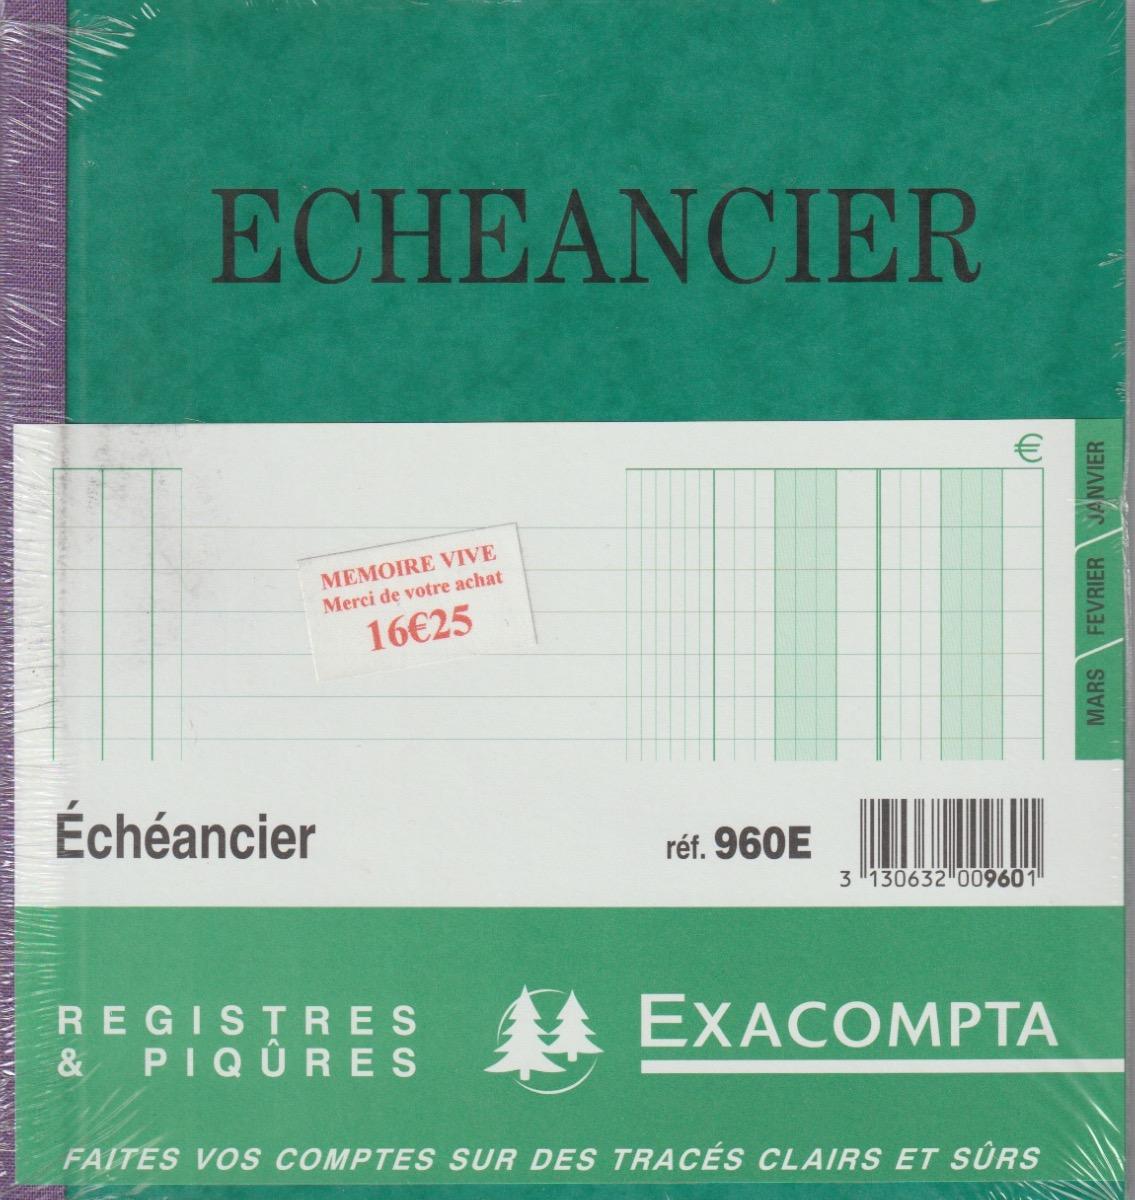 Piqure 21x19cm Echeancier 80pages